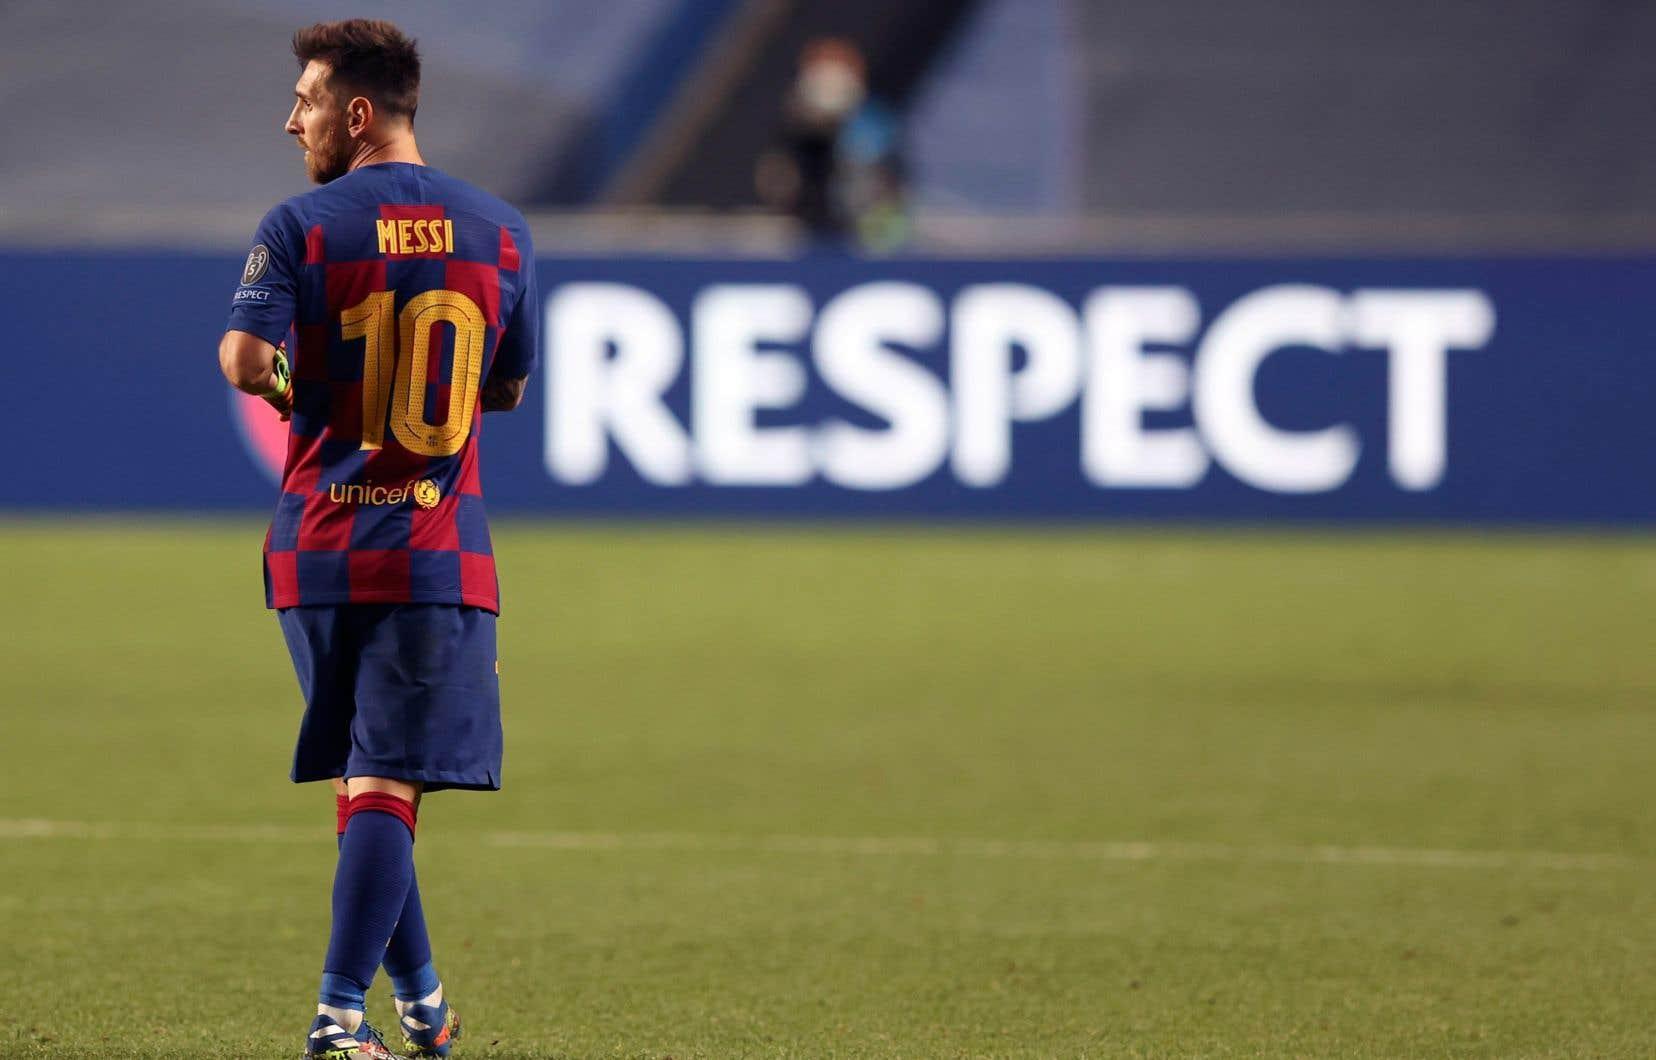 Lionel Messi a révélé la semaine dernière qu'il n'était pas heureux à Barcelone, mais qu'il préférait rester plutôt que de se lancer dans une bataille juridique.